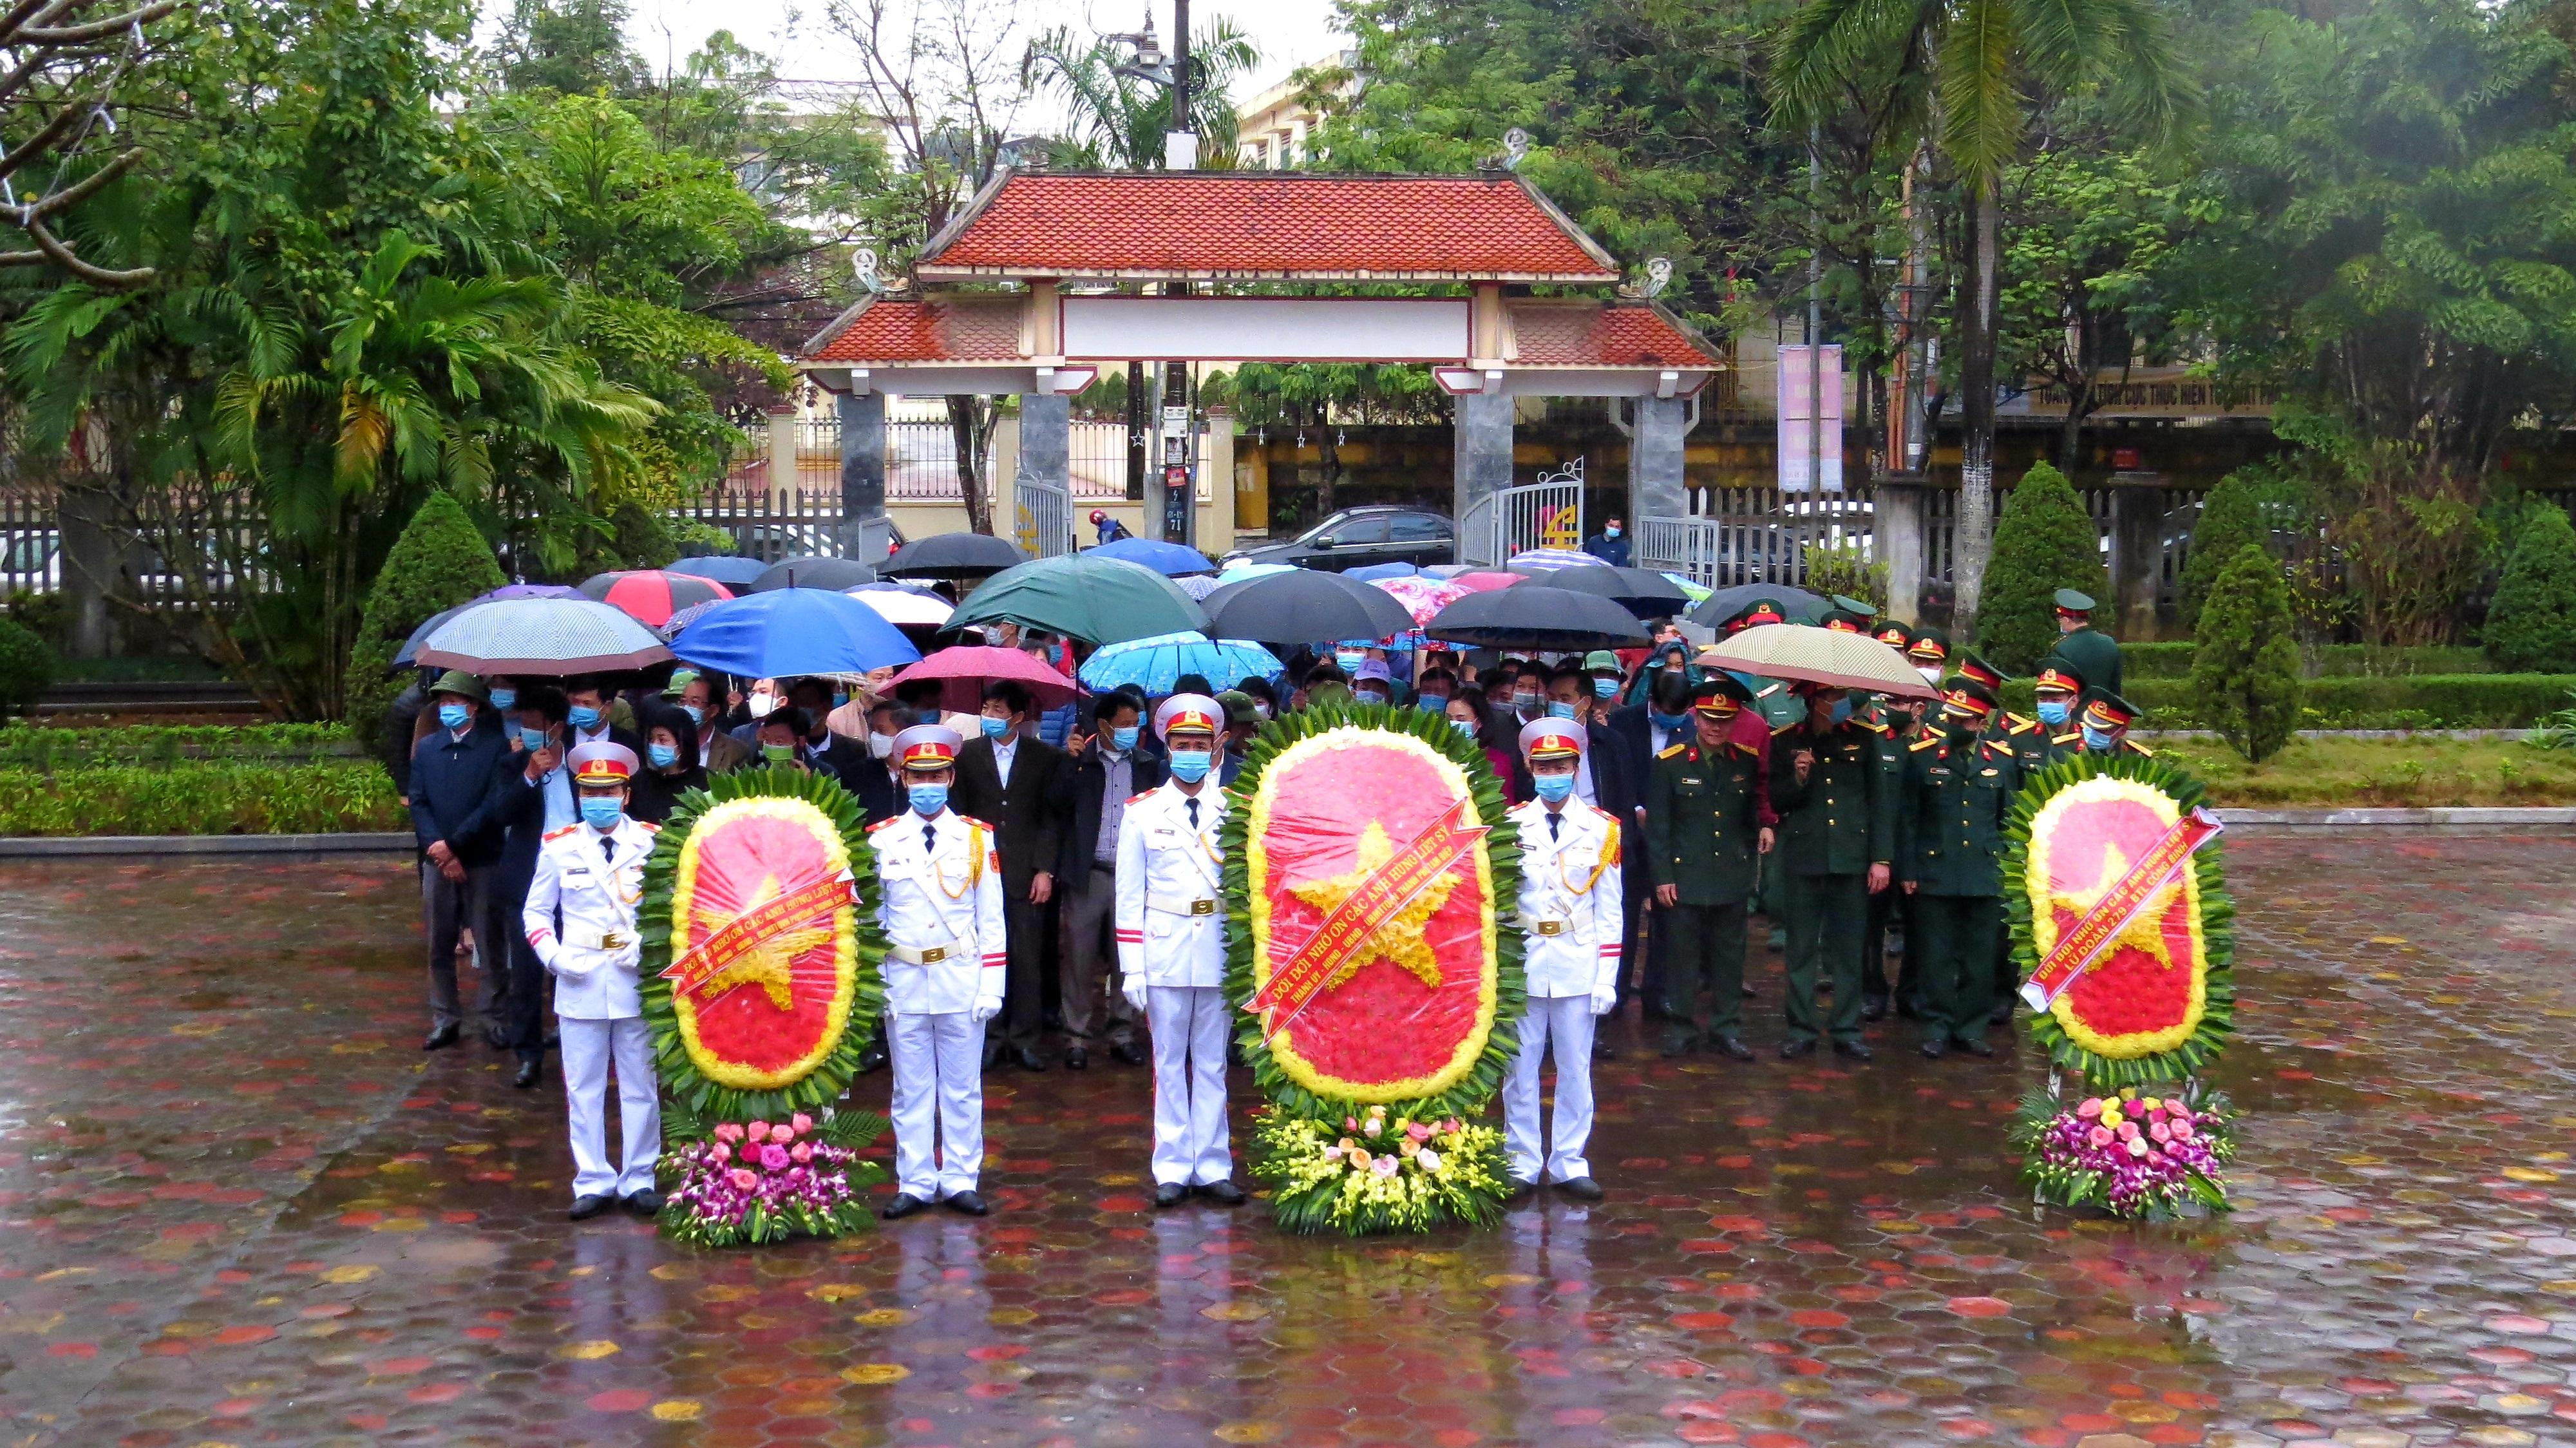 Thành phố Tam Điệp tổ chức Lễ dâng hương viếng các Anh hùng Liệt sỹ nhân dịp Tết Nguyên đán Tân Sửu năm 2021.